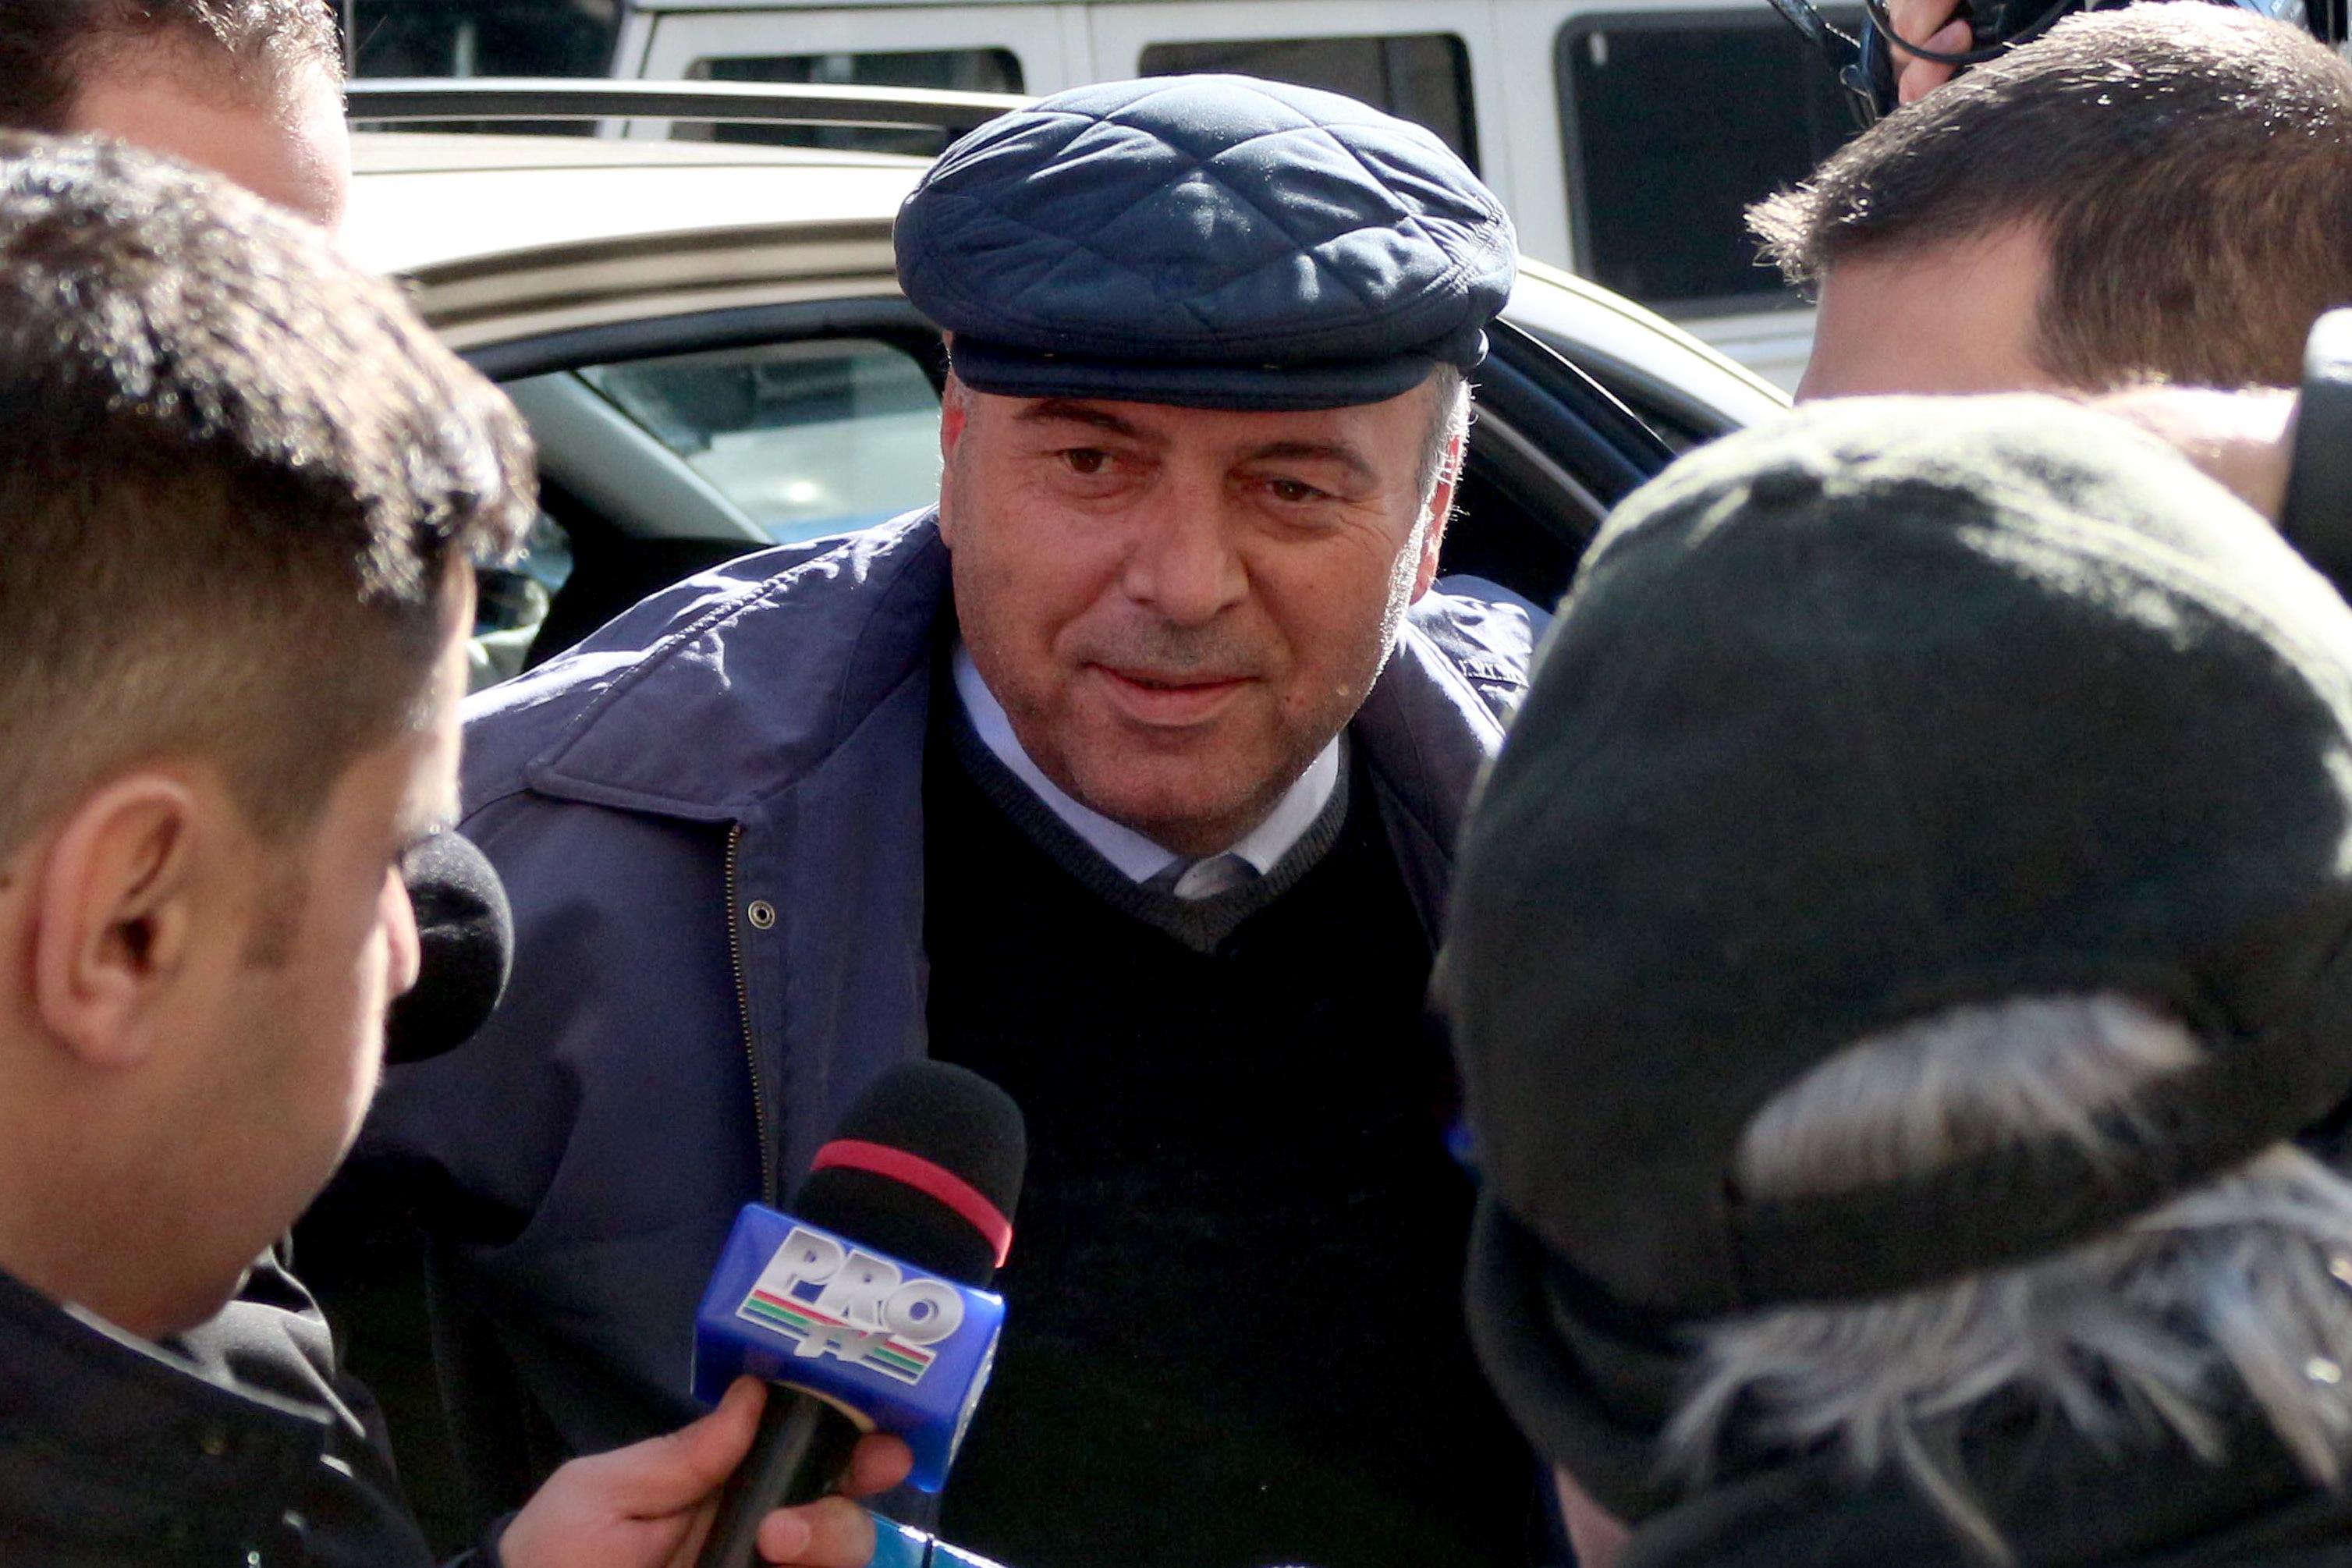 Fostul primar al oraşului Piatra Neamţ, condamnat la închisoare în dosarul Microsoft, poate fi eliberat condiţionat